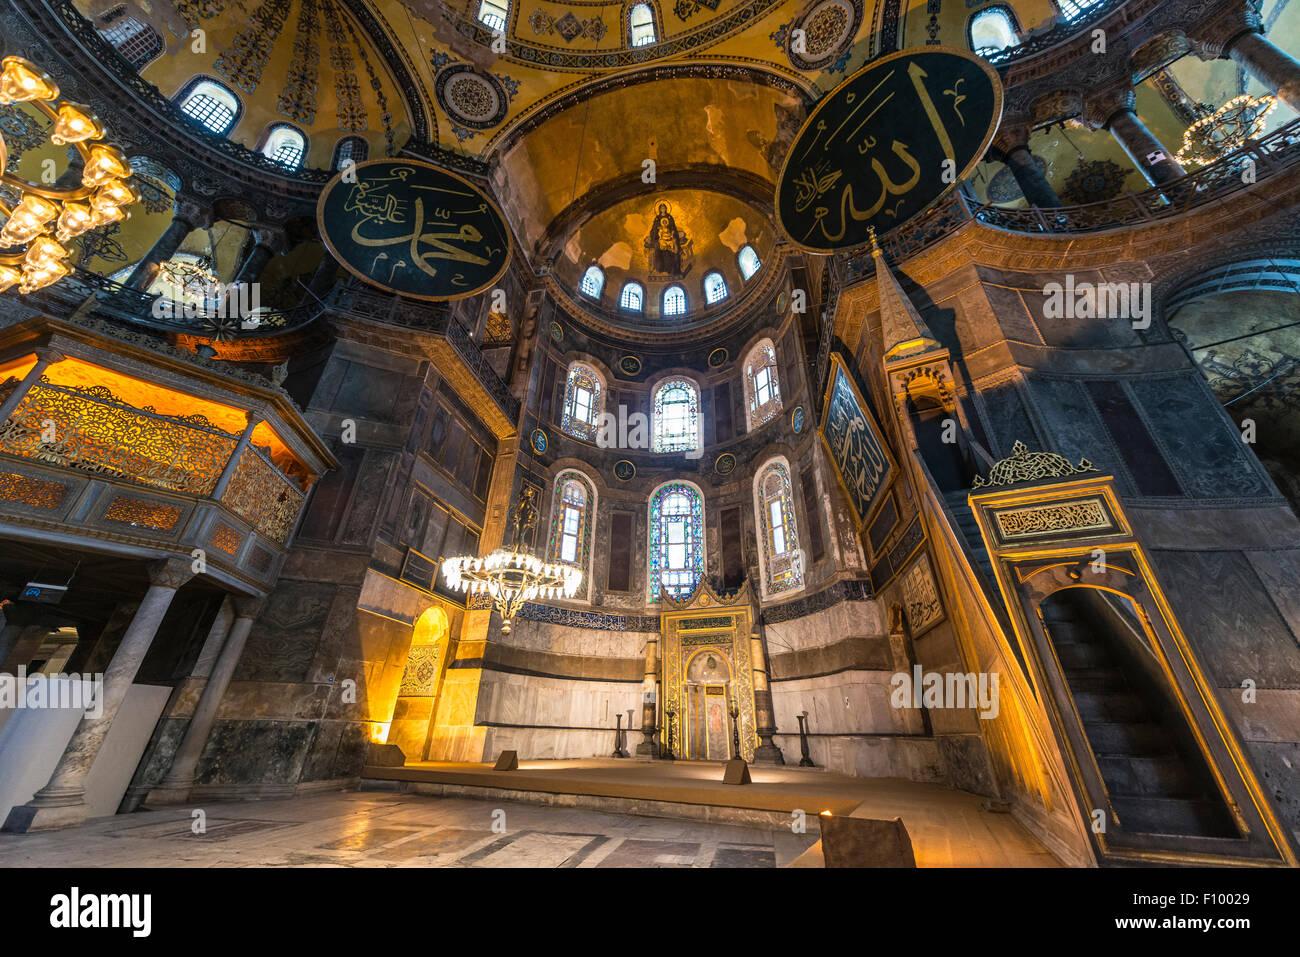 Área principal de la Catedral de Santa Sofía Hagia Sophia, el Ayasofya, interior, sitio del Patrimonio Imagen De Stock